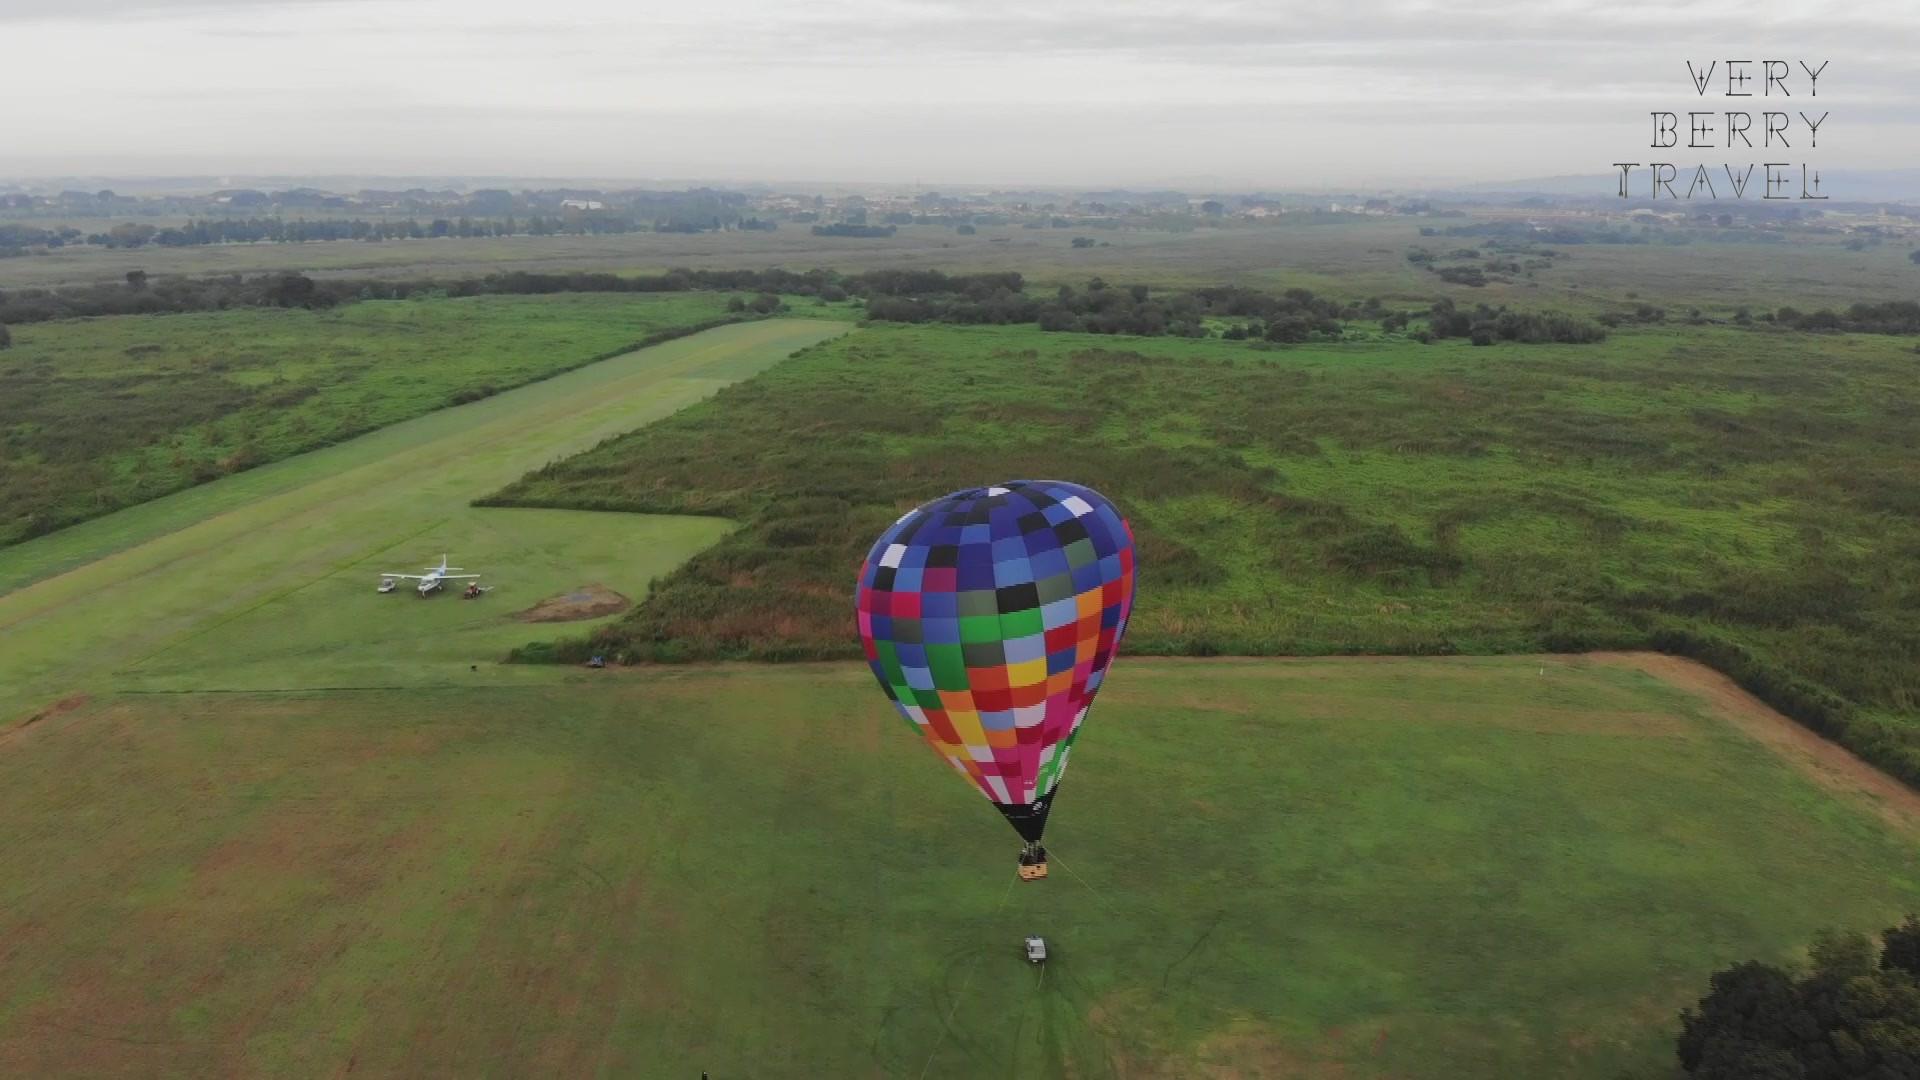 「VERRY BERRY TRAVEL」熱気球体験撮影